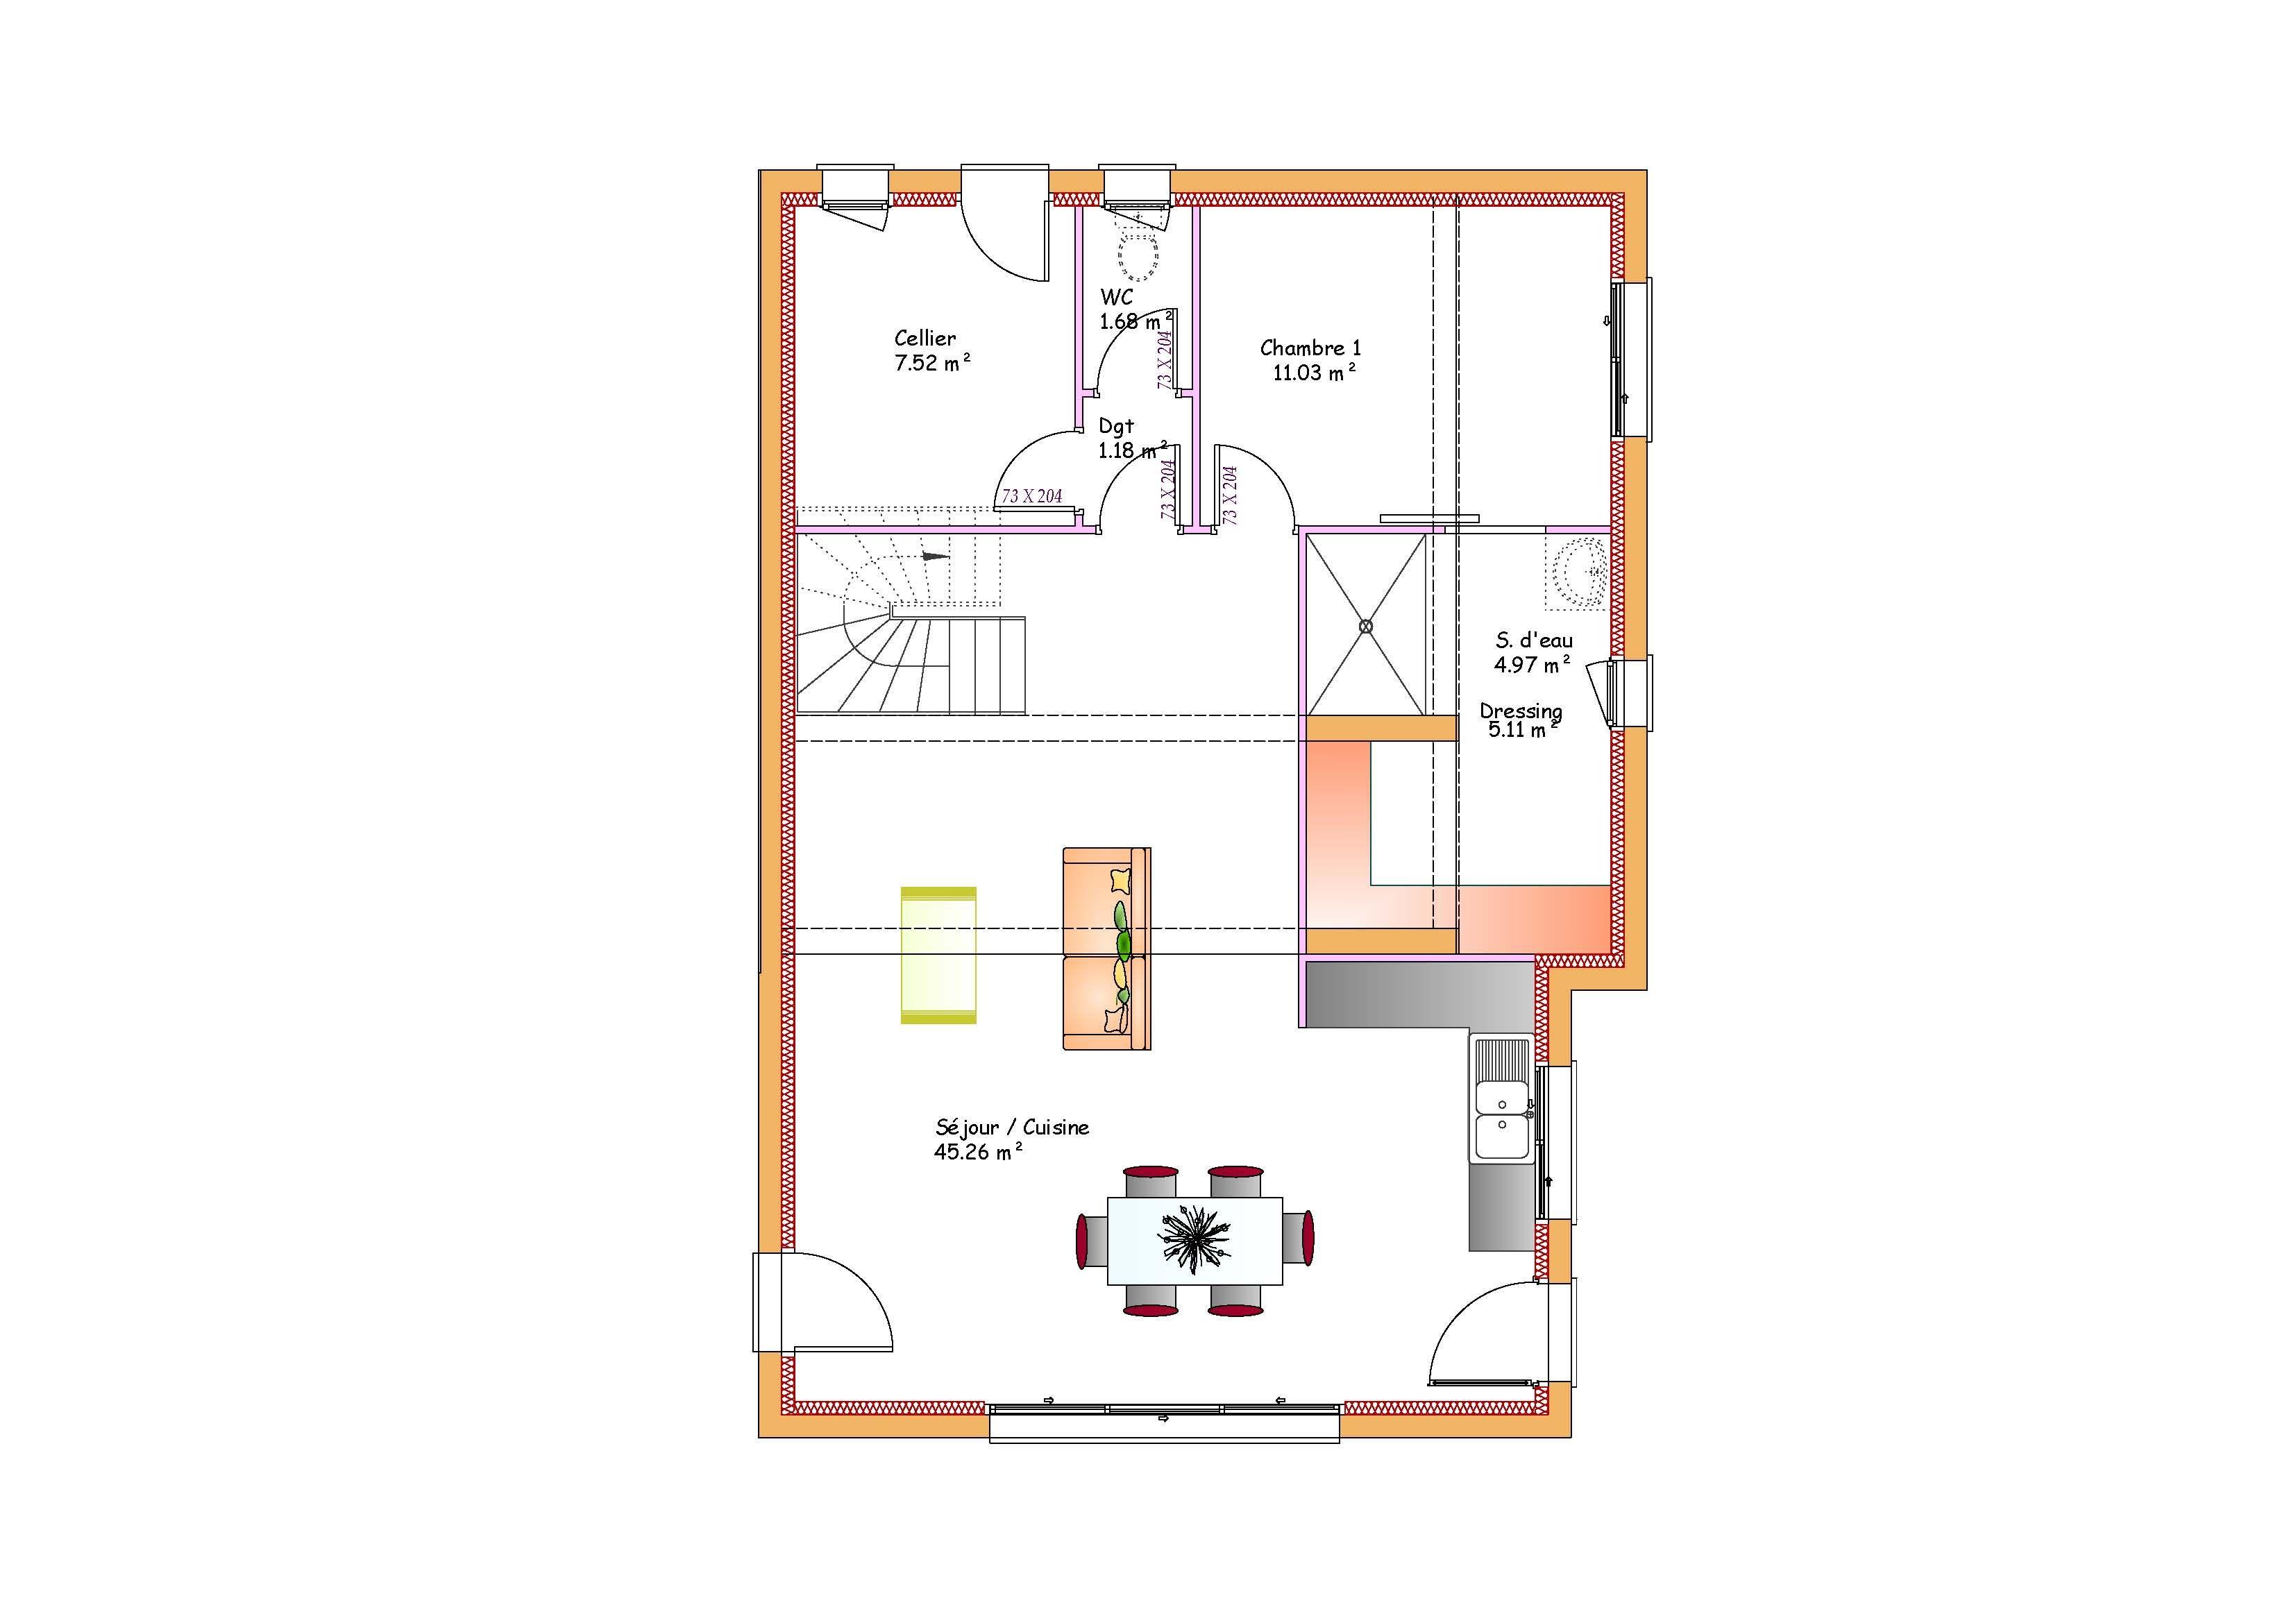 Modèles et plans de maisons > Modèle à étage Inspiration étage toit terrasse. Constructions ...